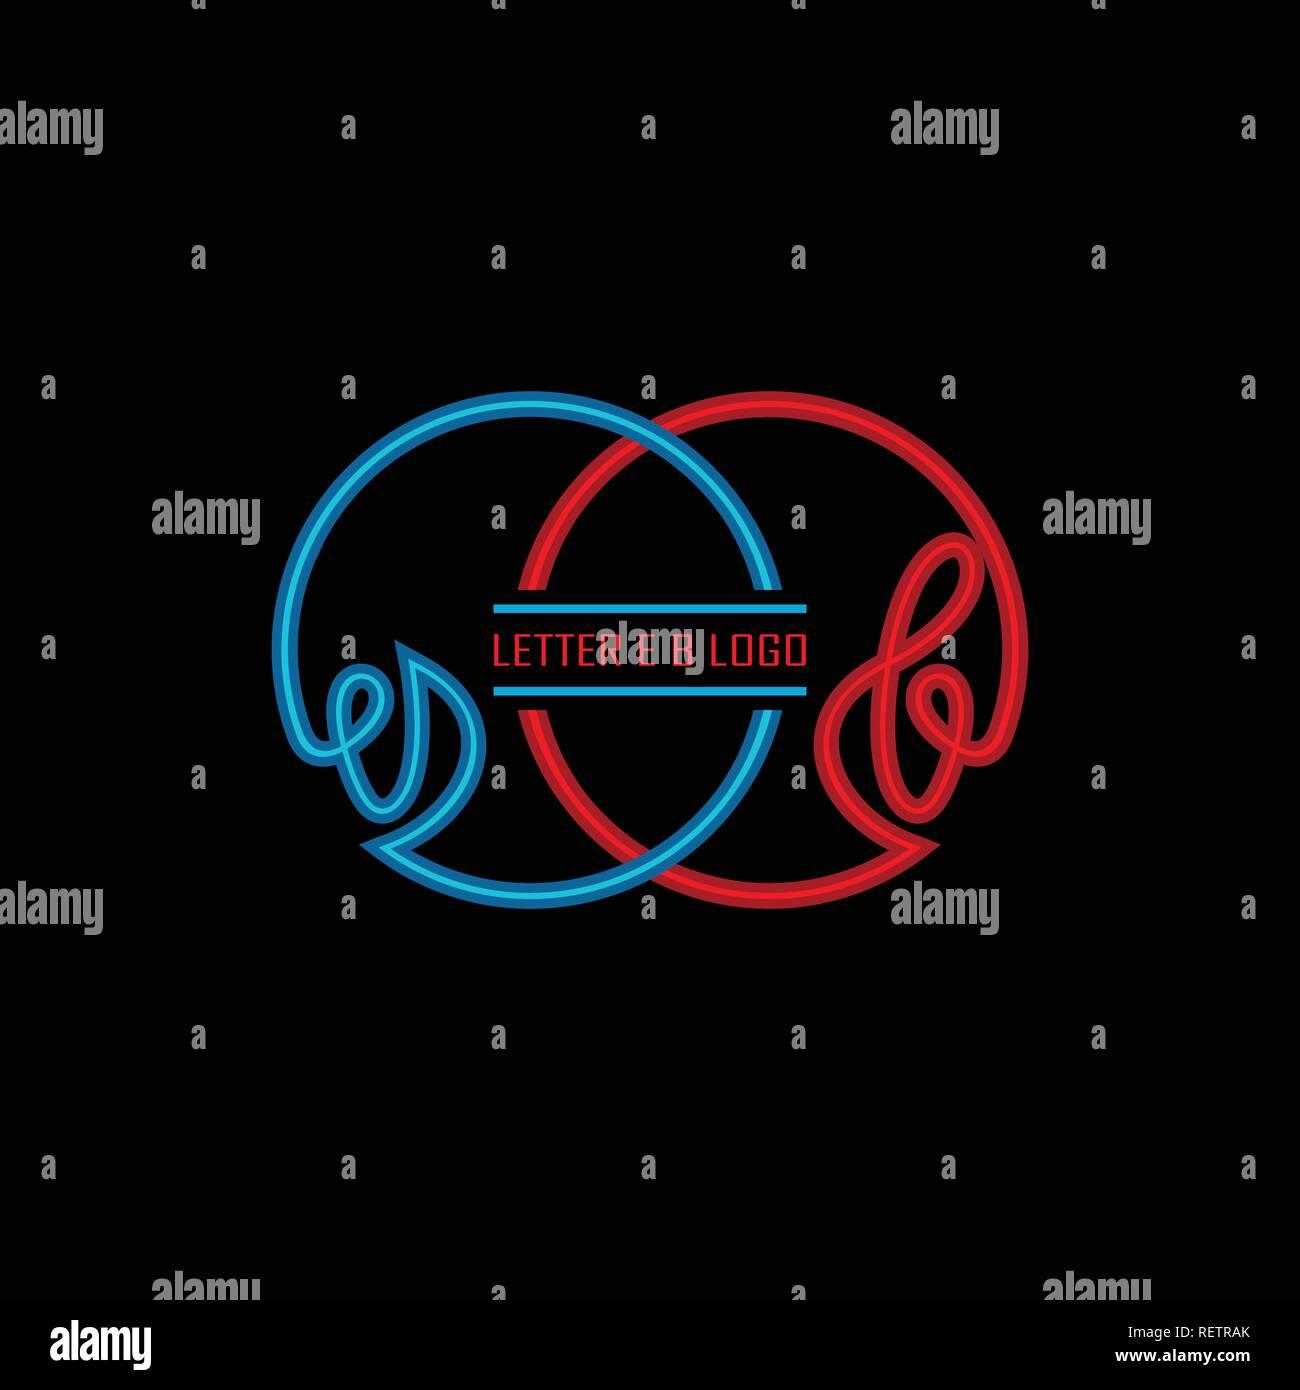 Lettera Iniziale E Logo B Stile Di Linea Blu Con Colore Rosso